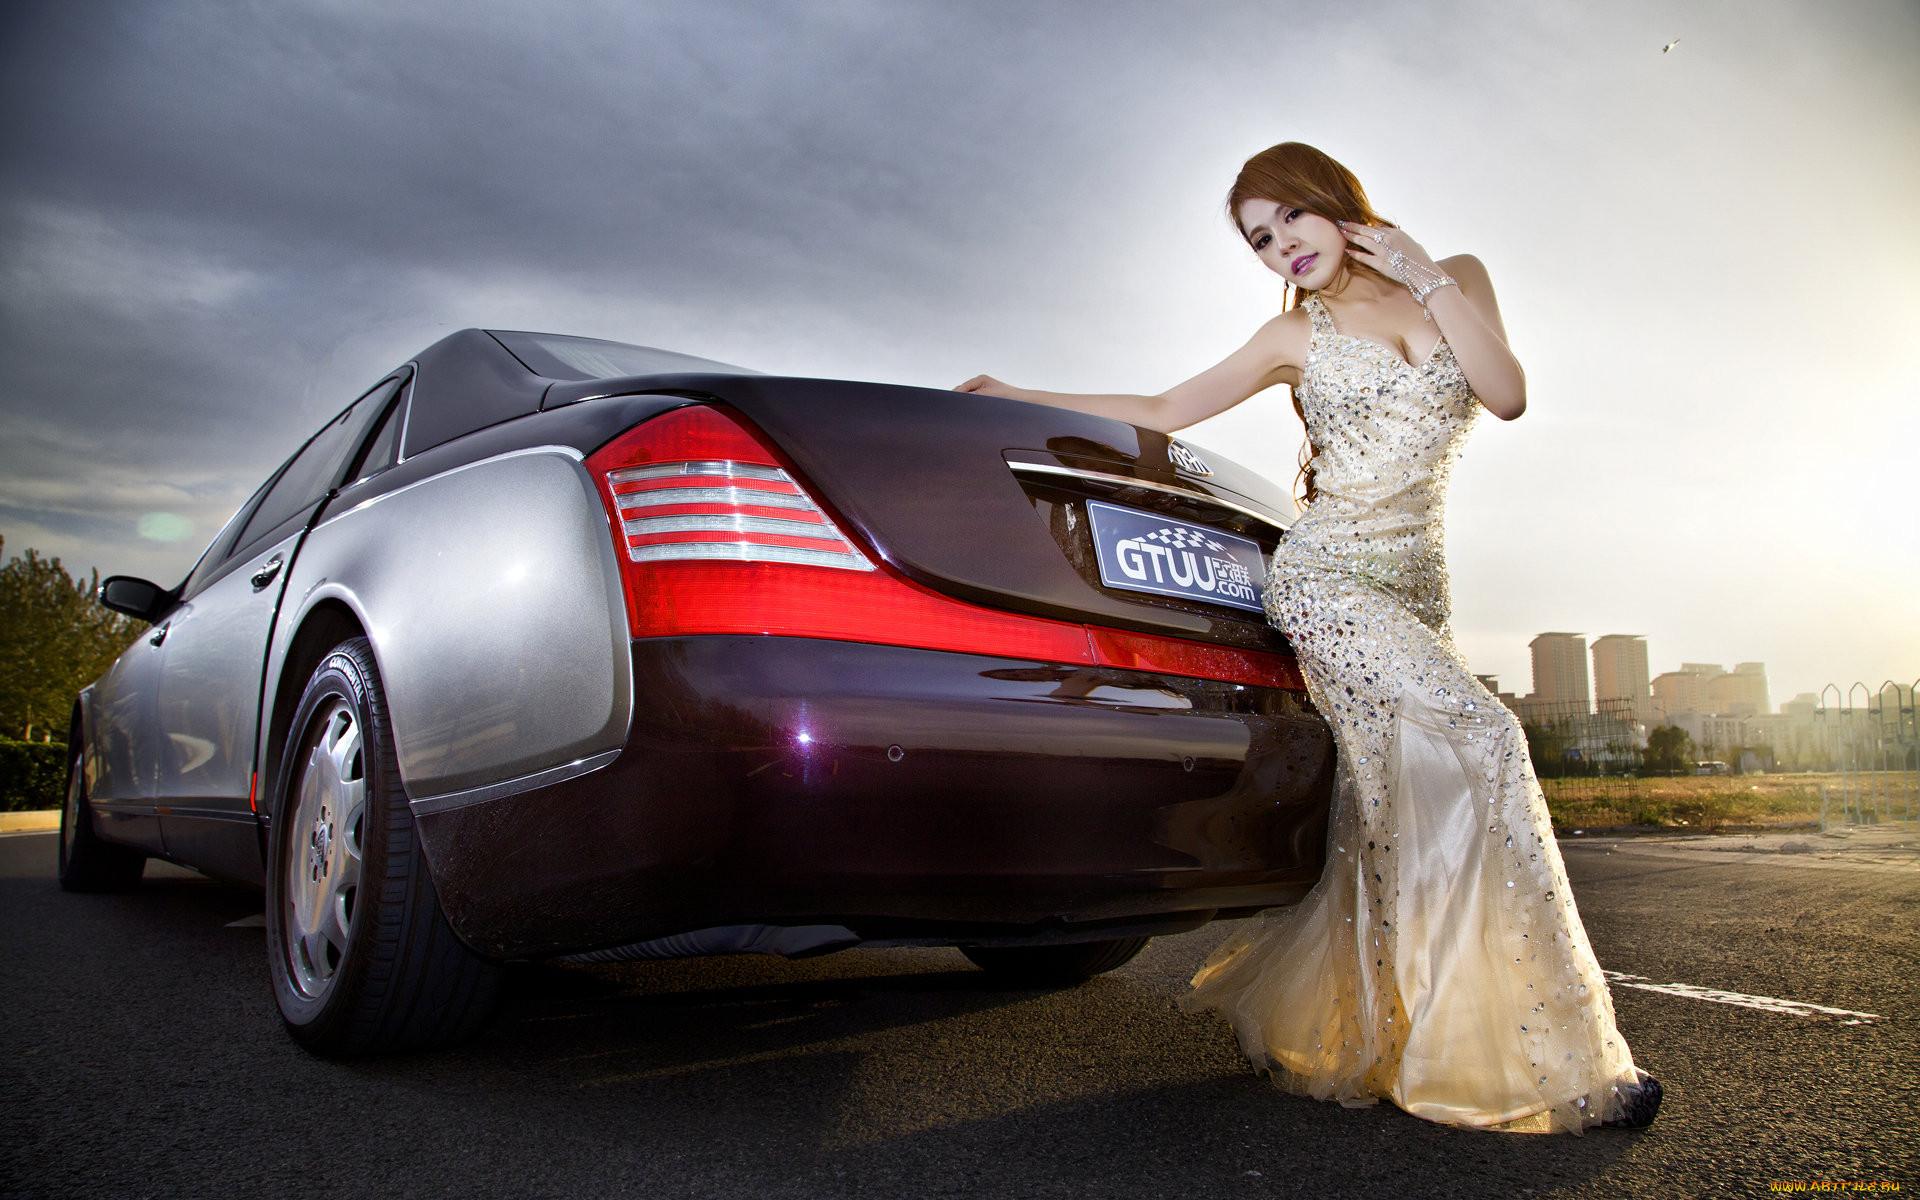 Картинки дорогих автомобилей с девушками